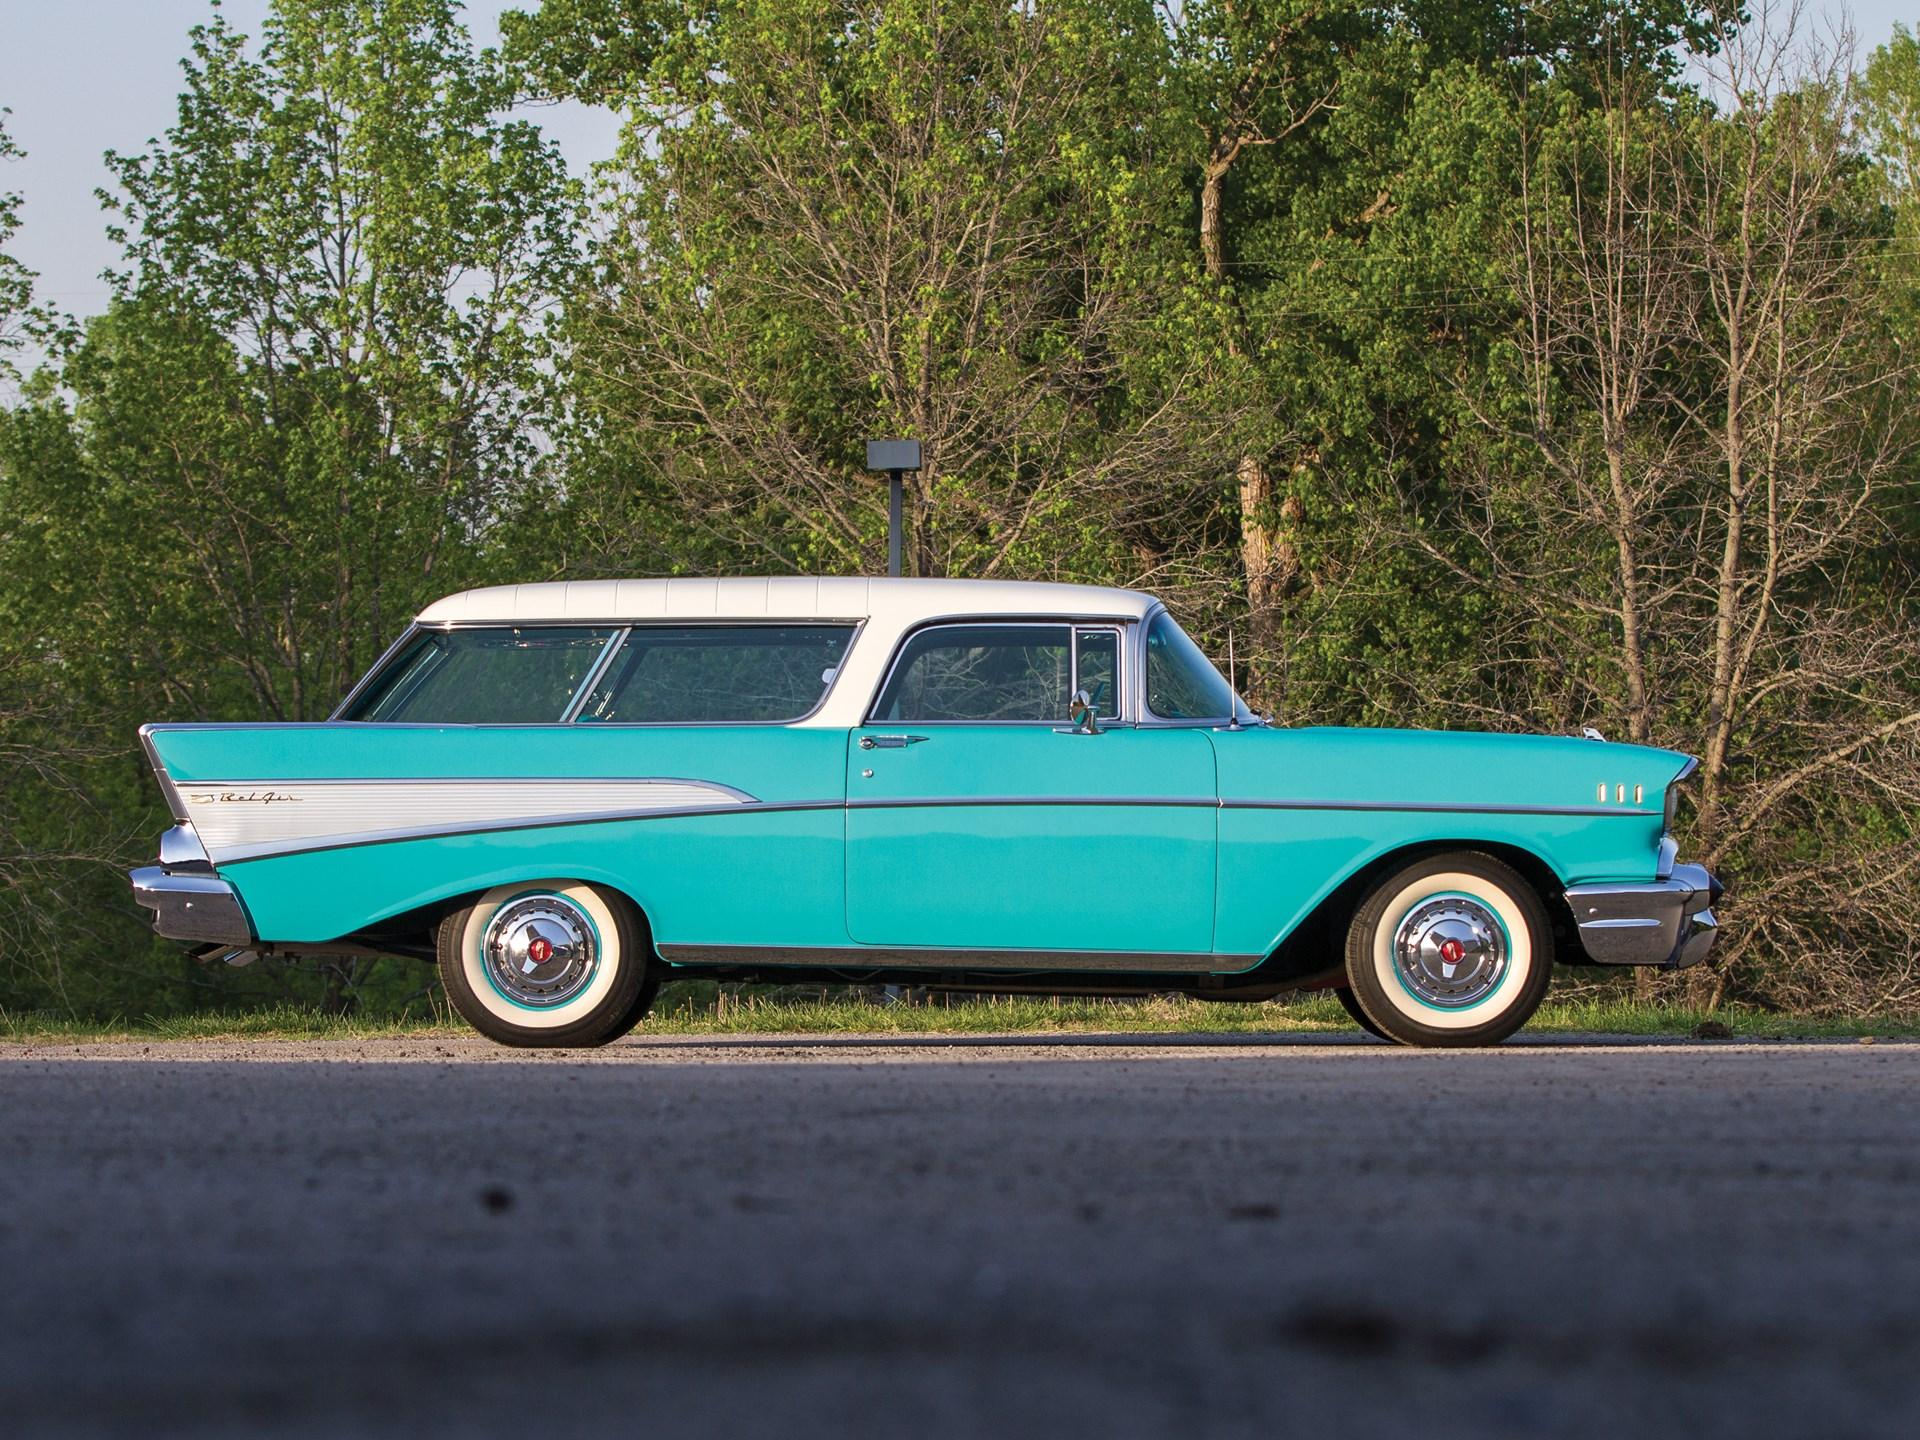 1957 Chevrolet Bel Air Nomad side profile